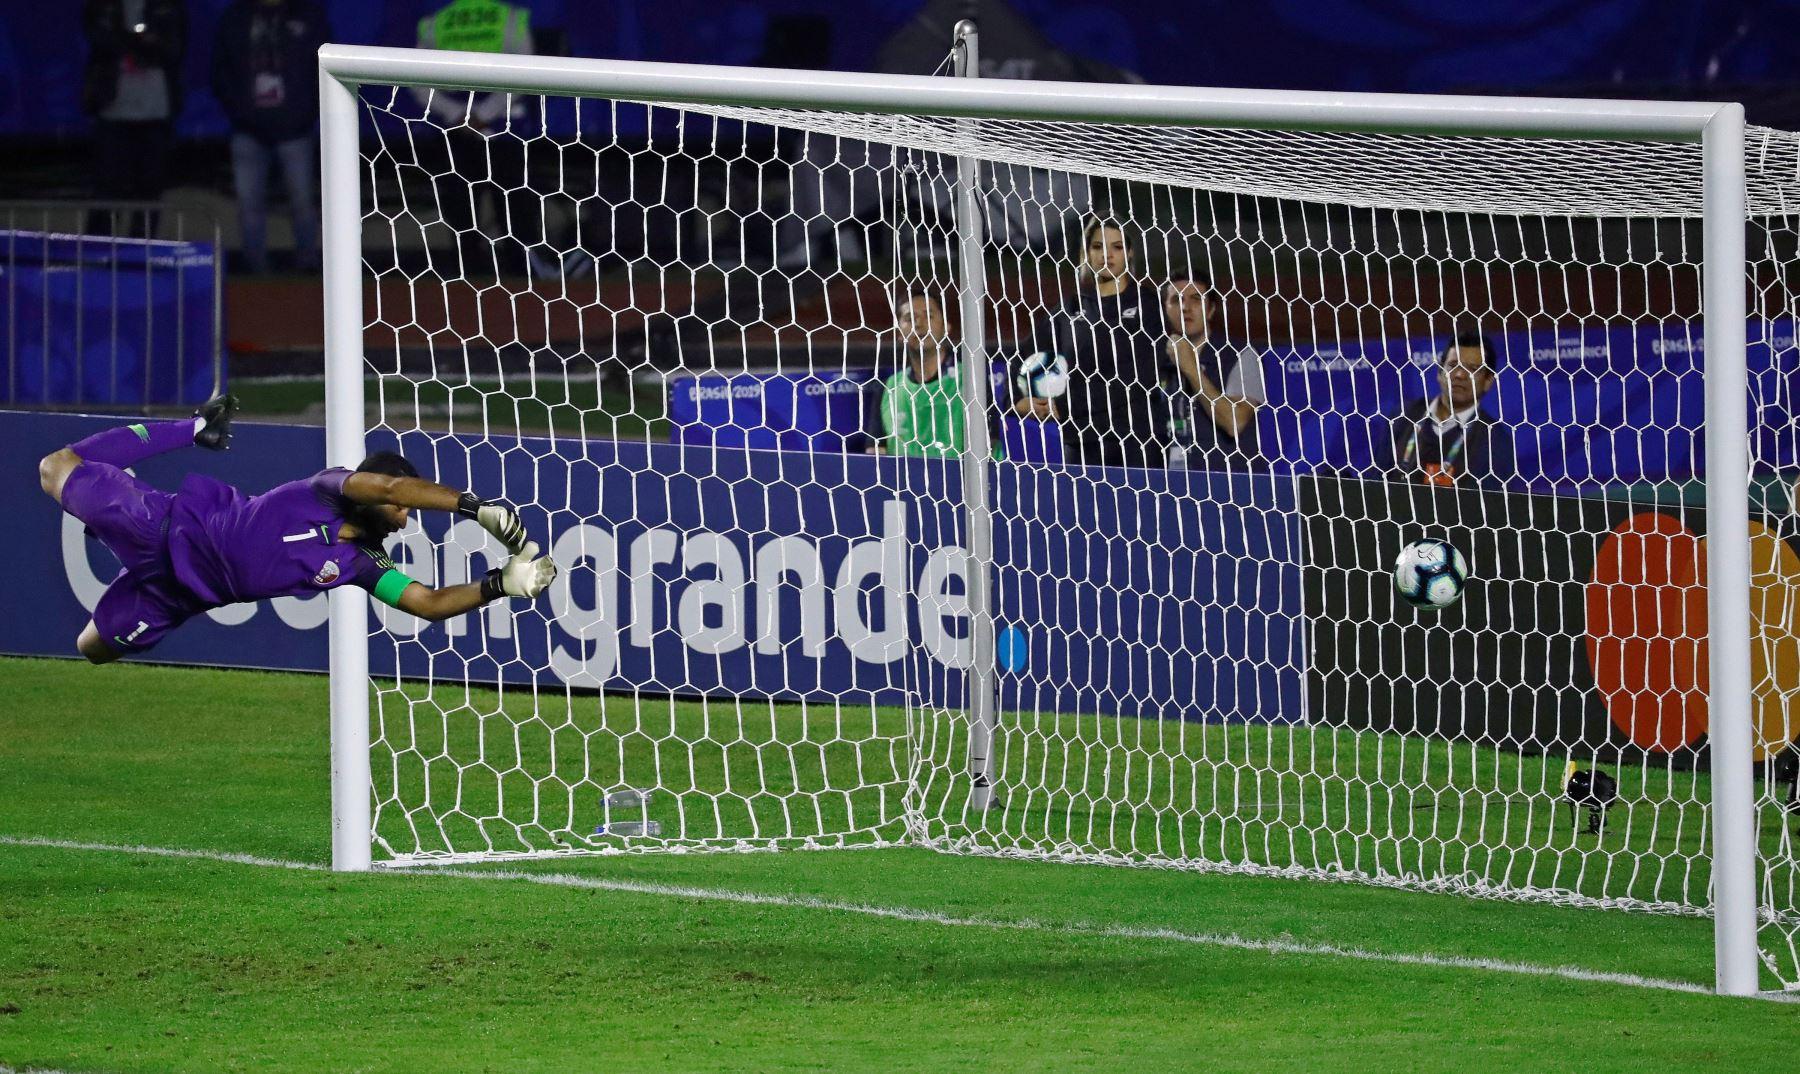 El arquero de Catar Saad Alsheeb recibe un gol durante el partido Colombia-Catar del Grupo B de la Copa América de Fútbol 2019. Foto: AFP